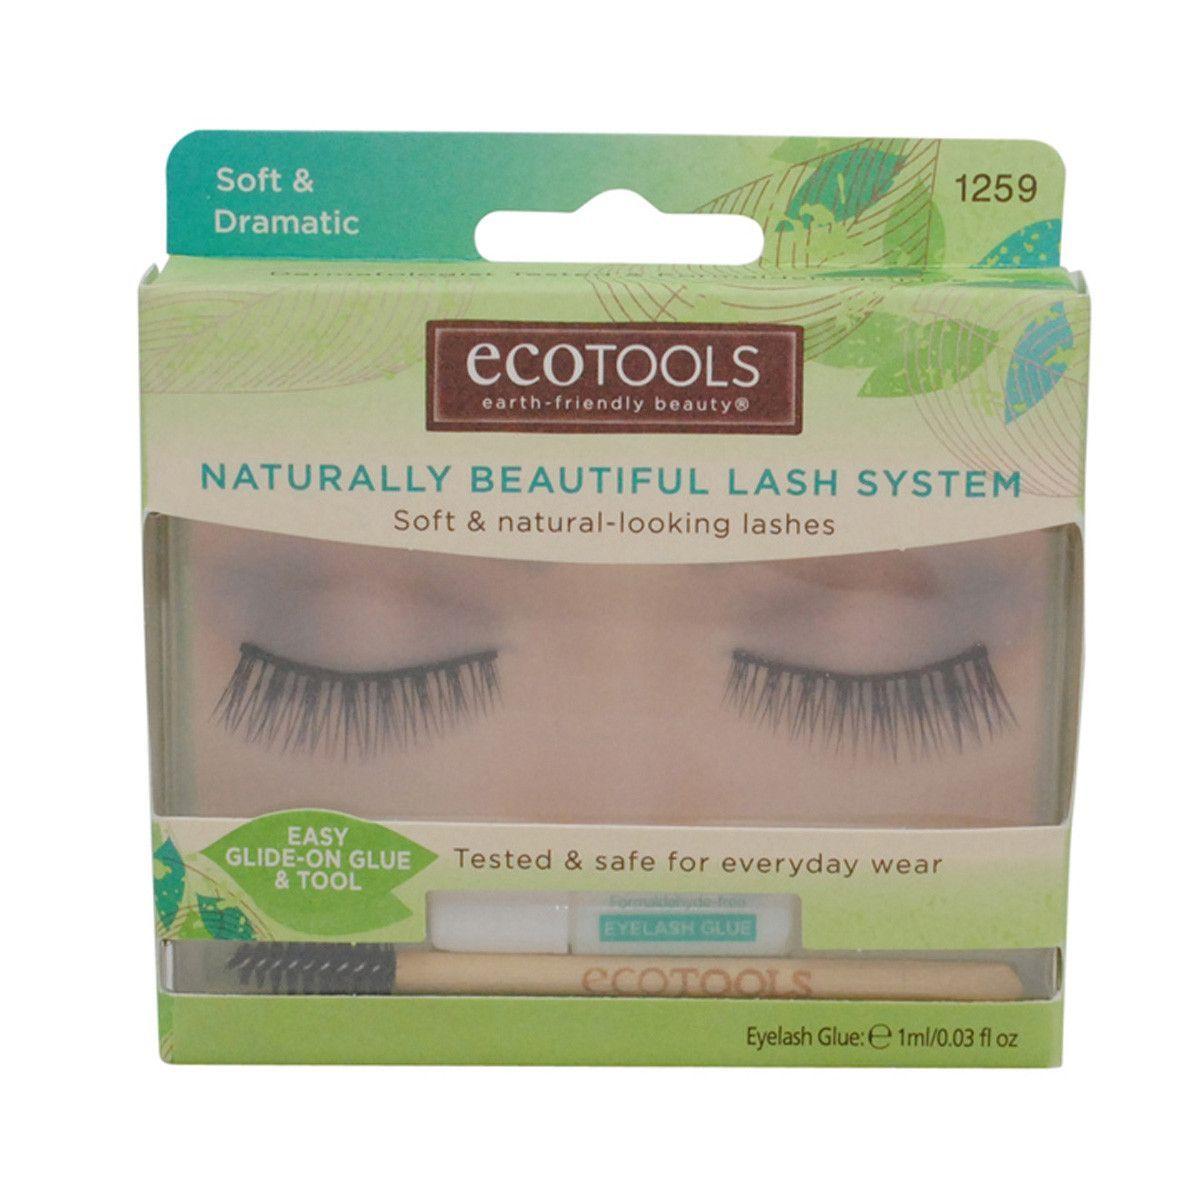 Ecotools Naturally Beautiful Lash System Soft & Natural-Looking Lashes #1259 Soft & Dramatic